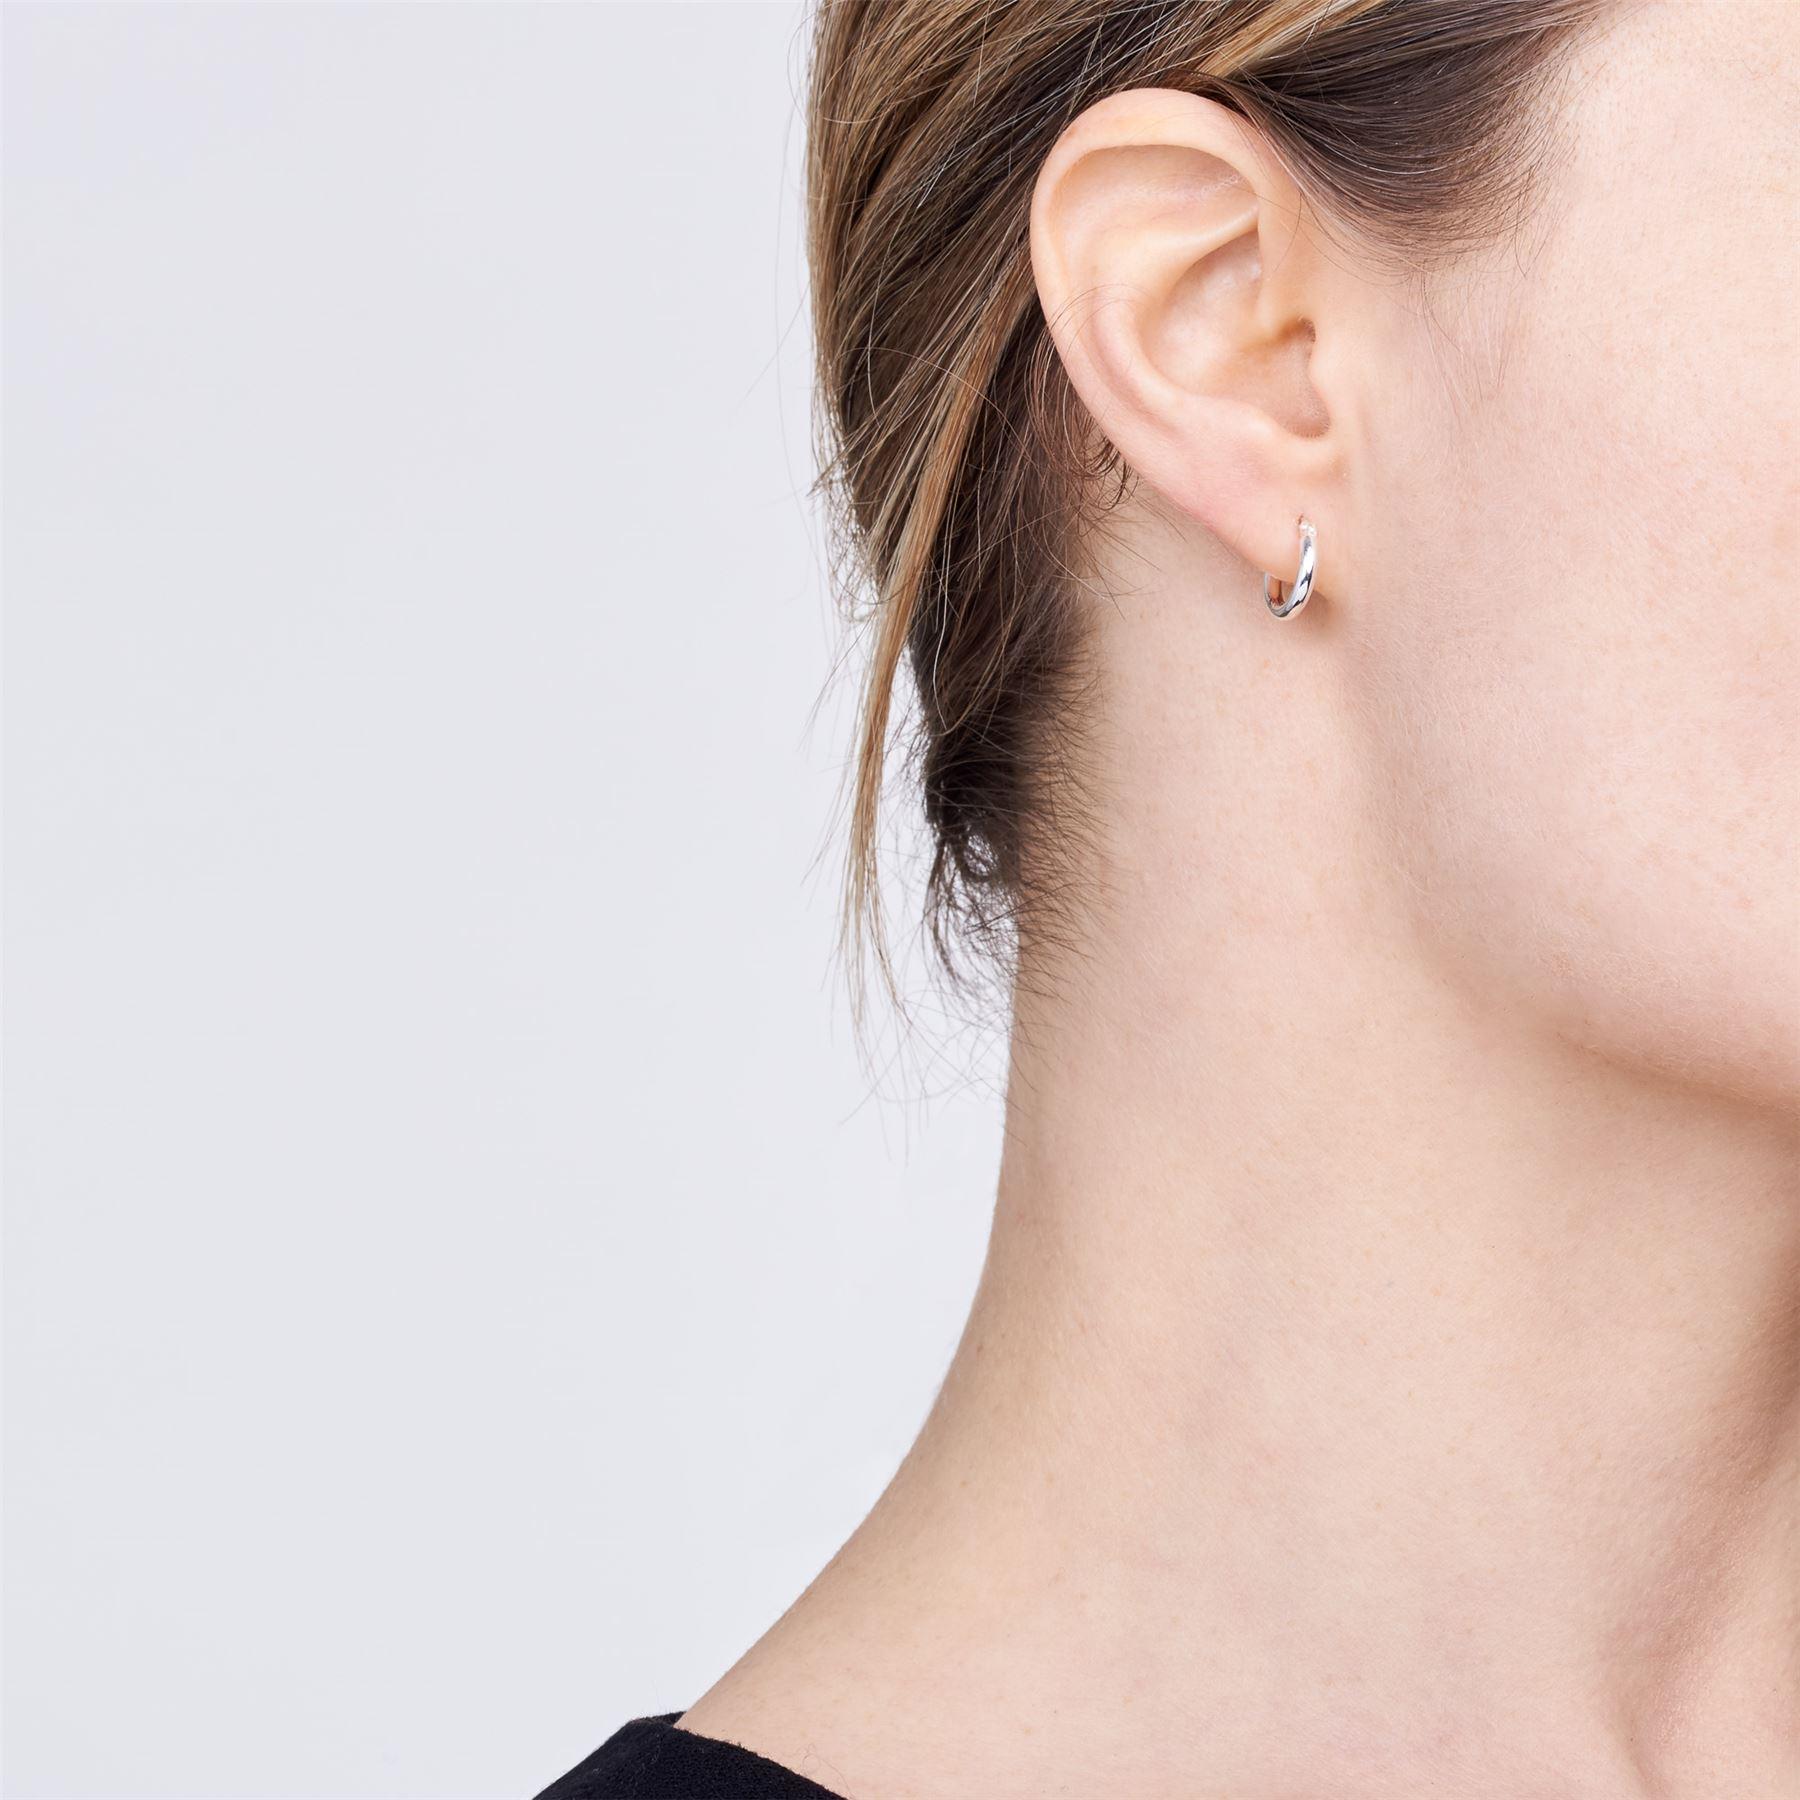 Amberta-Pendientes-para-Mujer-Aros-en-Plata-De-Ley-925-Autentica-Estilo-Clasico miniatura 3